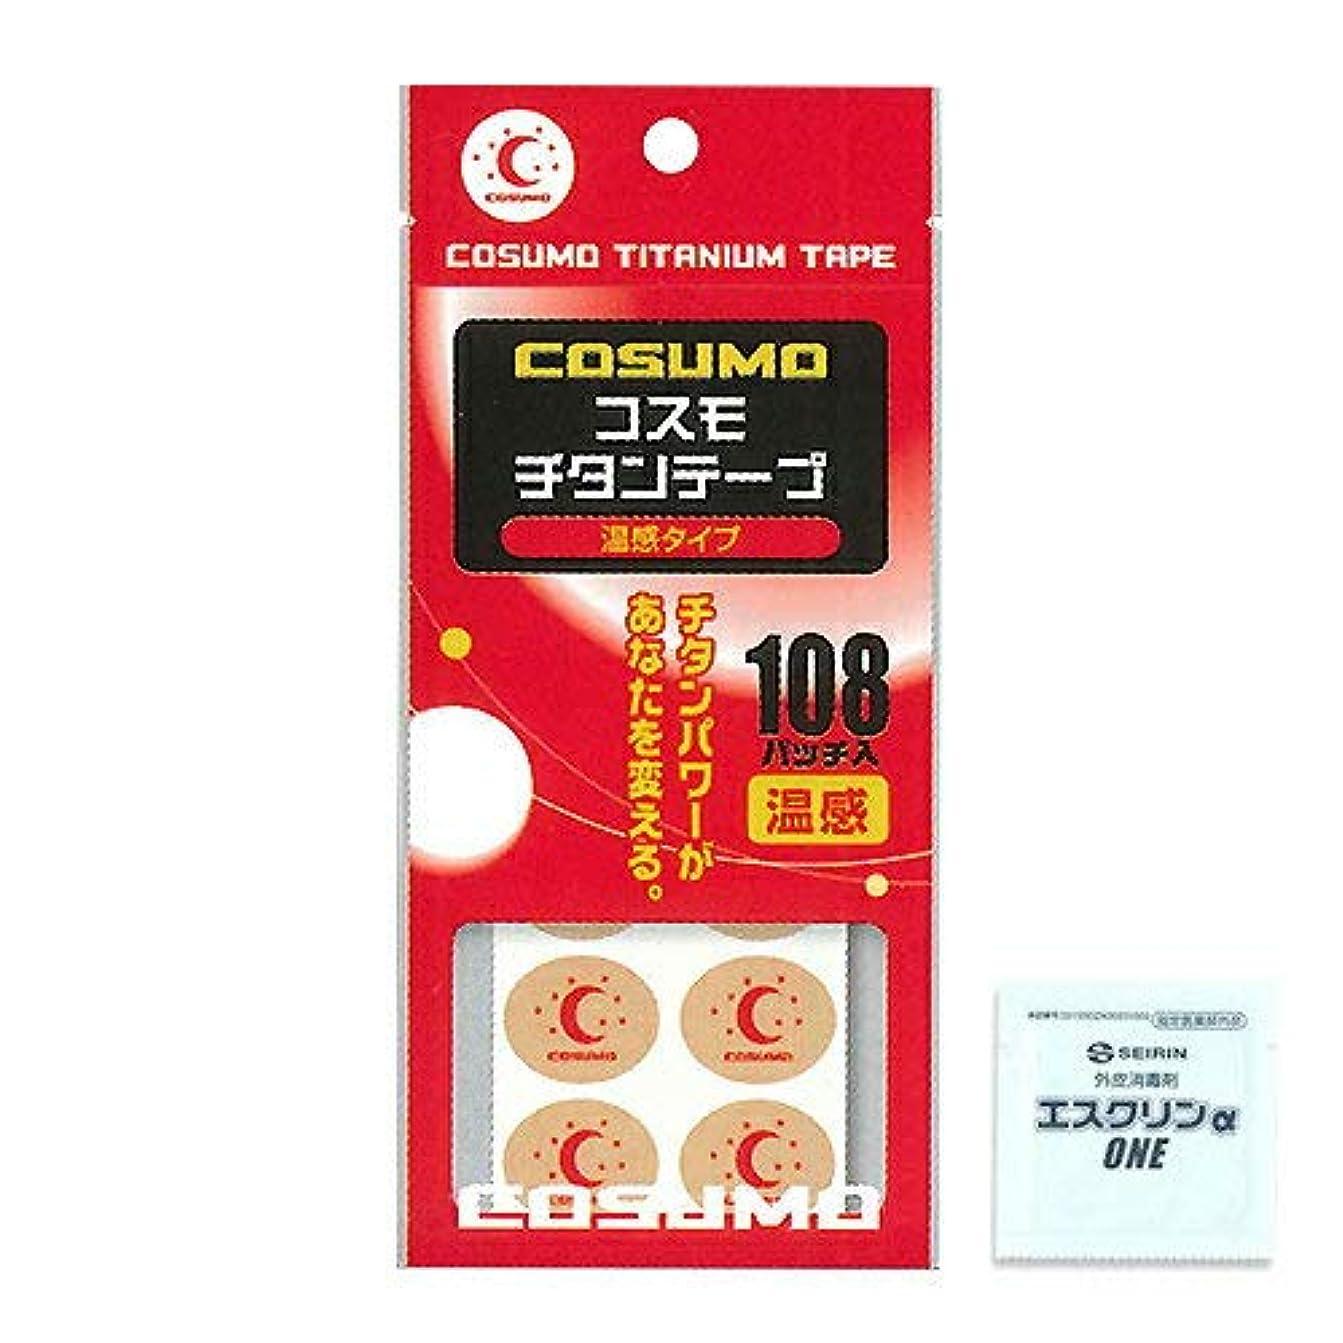 アラブサラボ拘束資本主義日進医療器:コスモチタンテープ温感タイプ 108パッチ入×2個セット + エスクリンONE1包セット